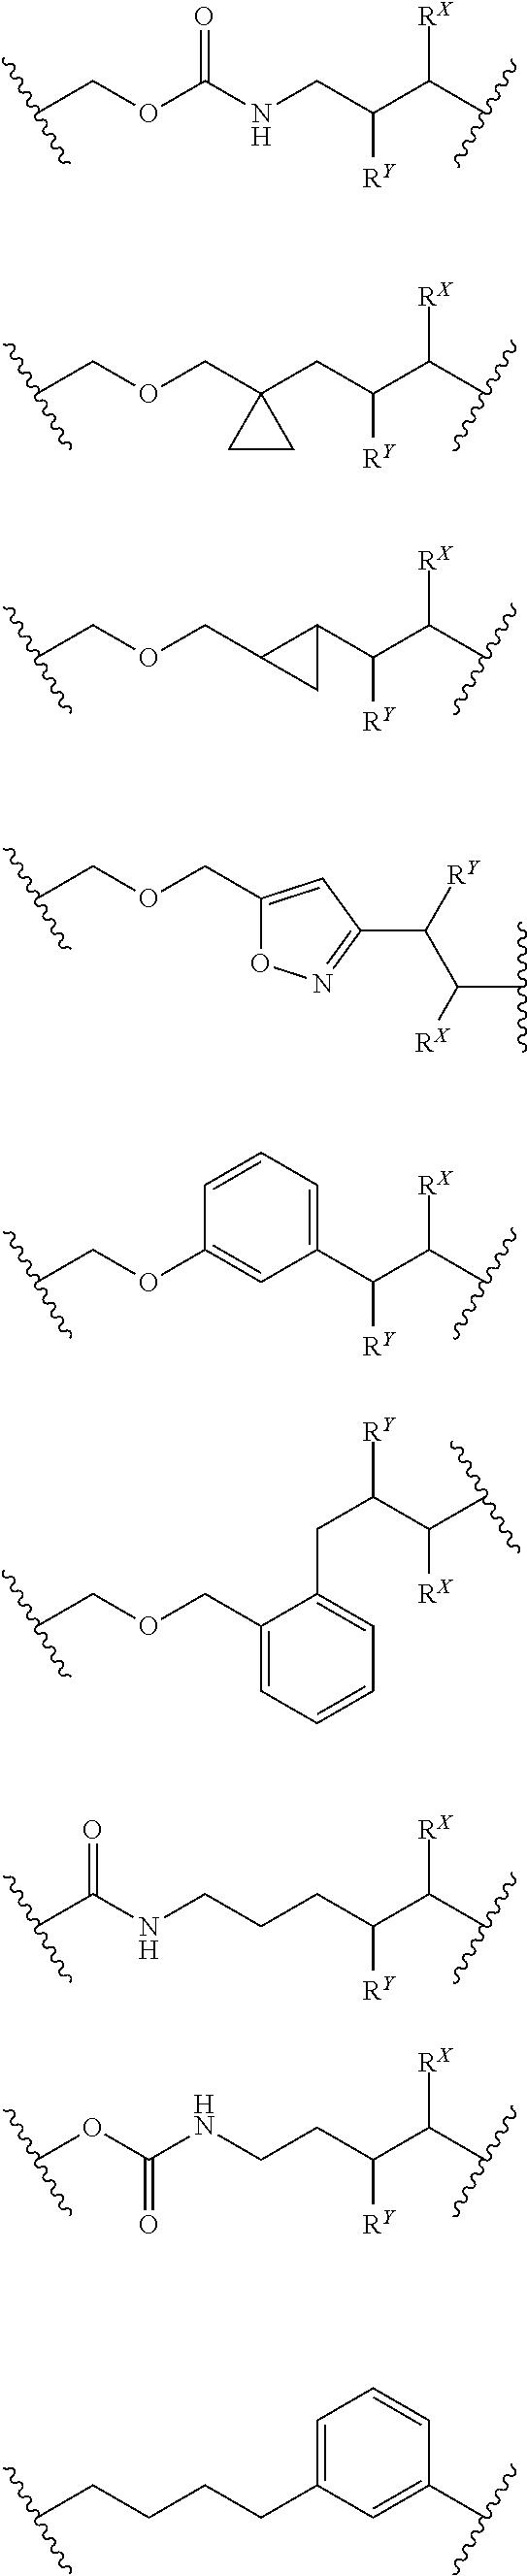 Figure US08933110-20150113-C00008